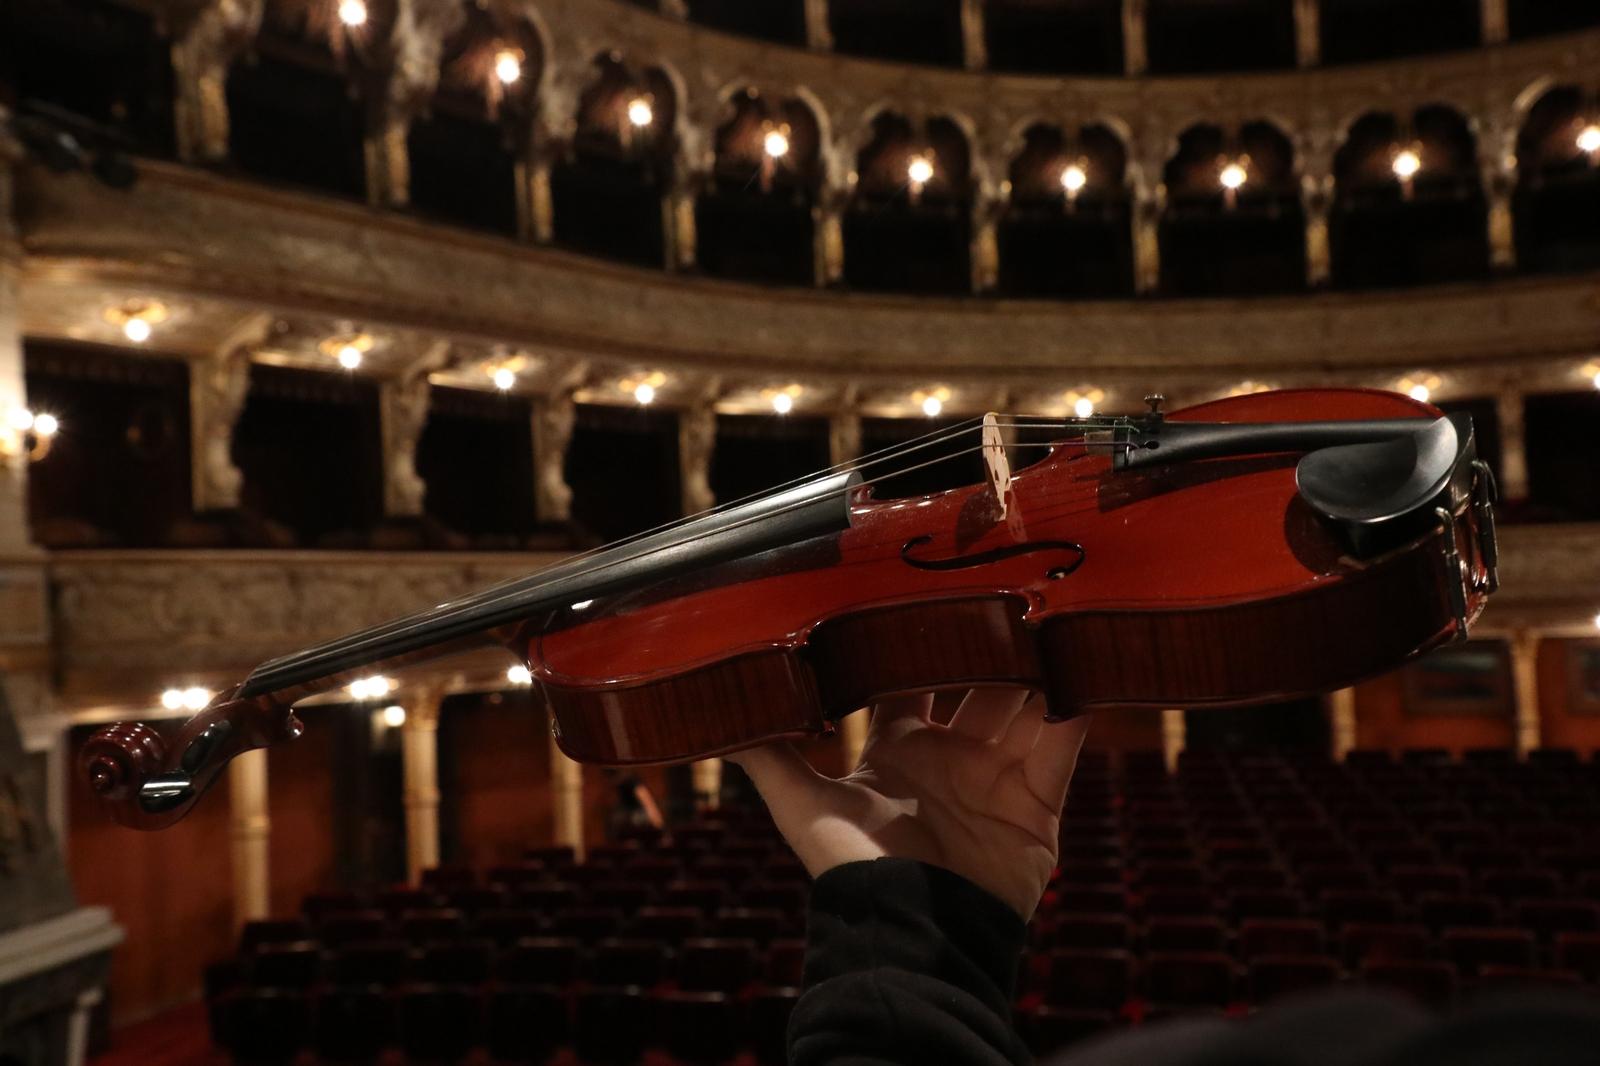 Violina Nova_003